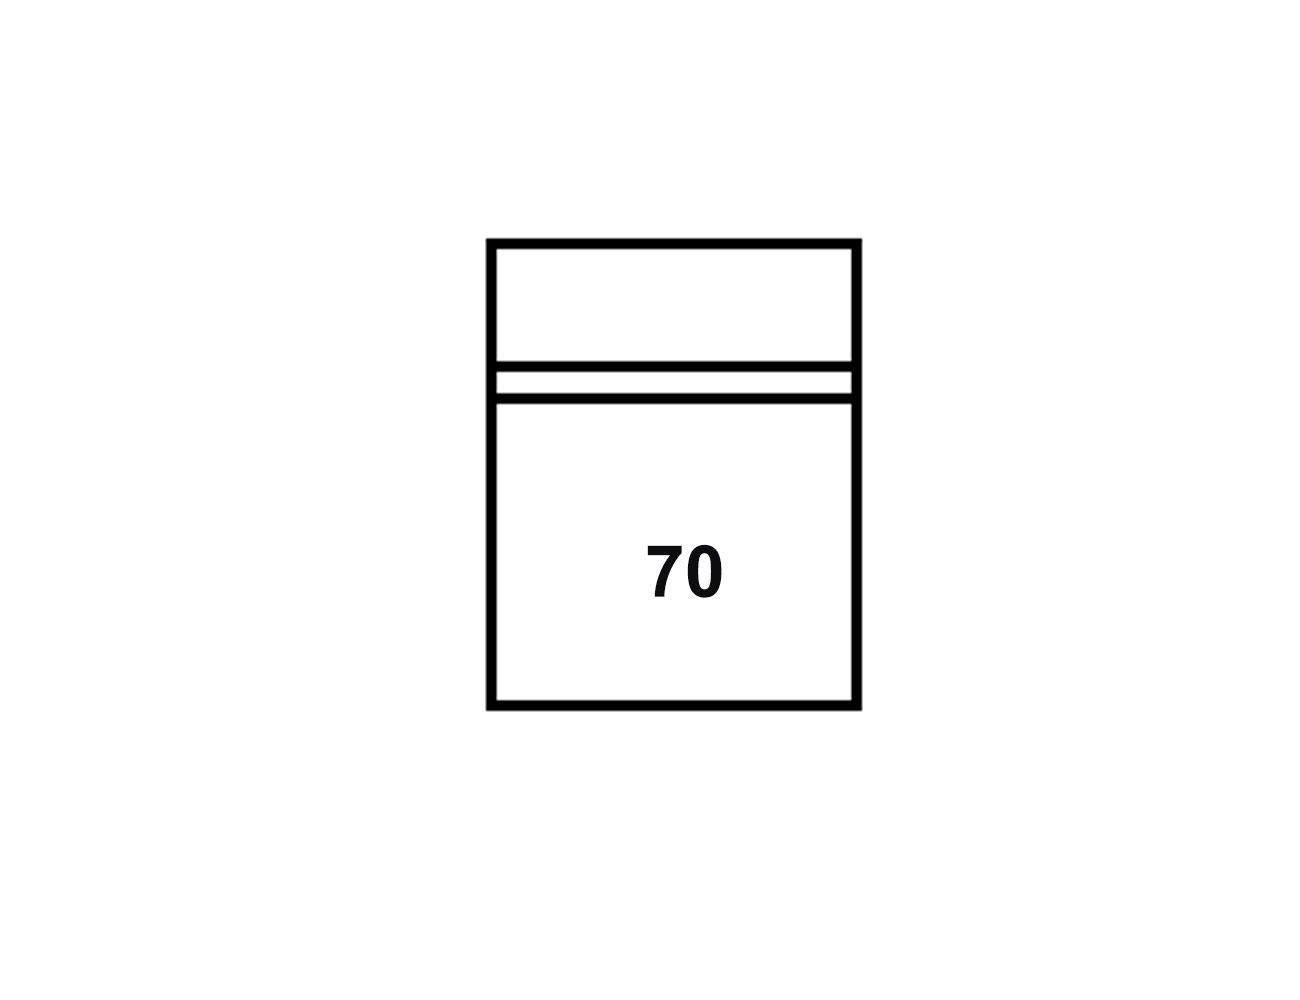 Modulo 1p 709